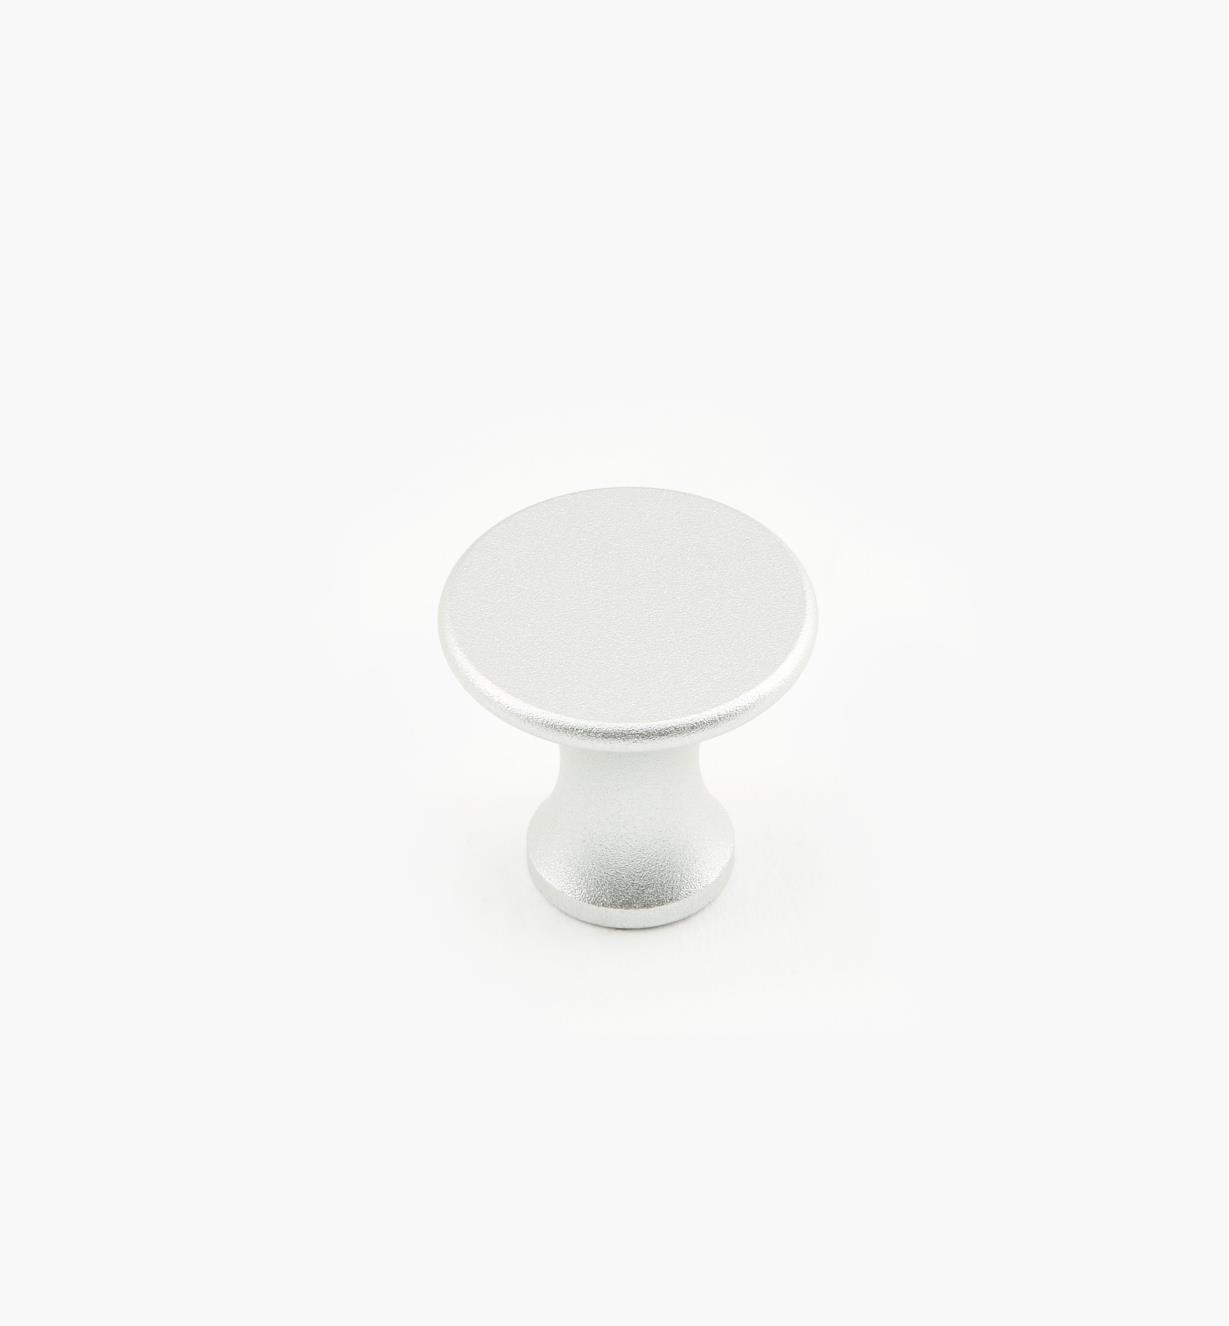 01W9750 - 20mm x 18mm Aluminum Knob